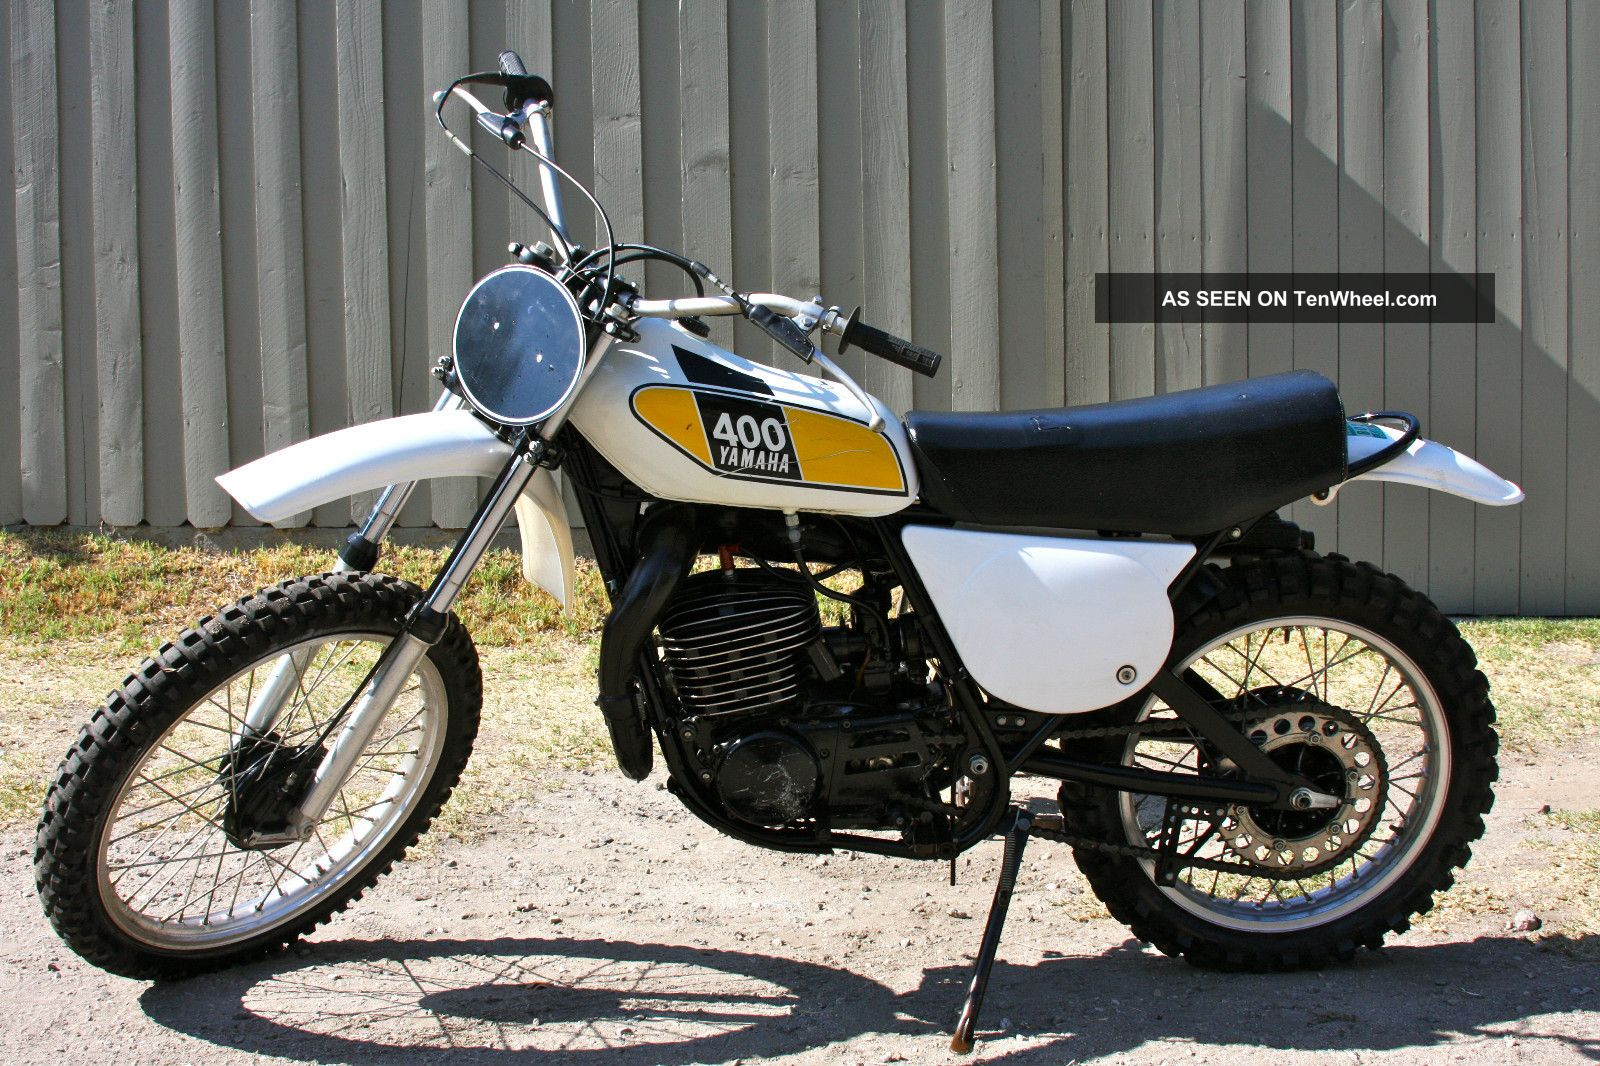 1975 Yamaha Mx400,  Unrestored,  Unmolested,  Excellent Runner,  Ex - James Darren Other photo